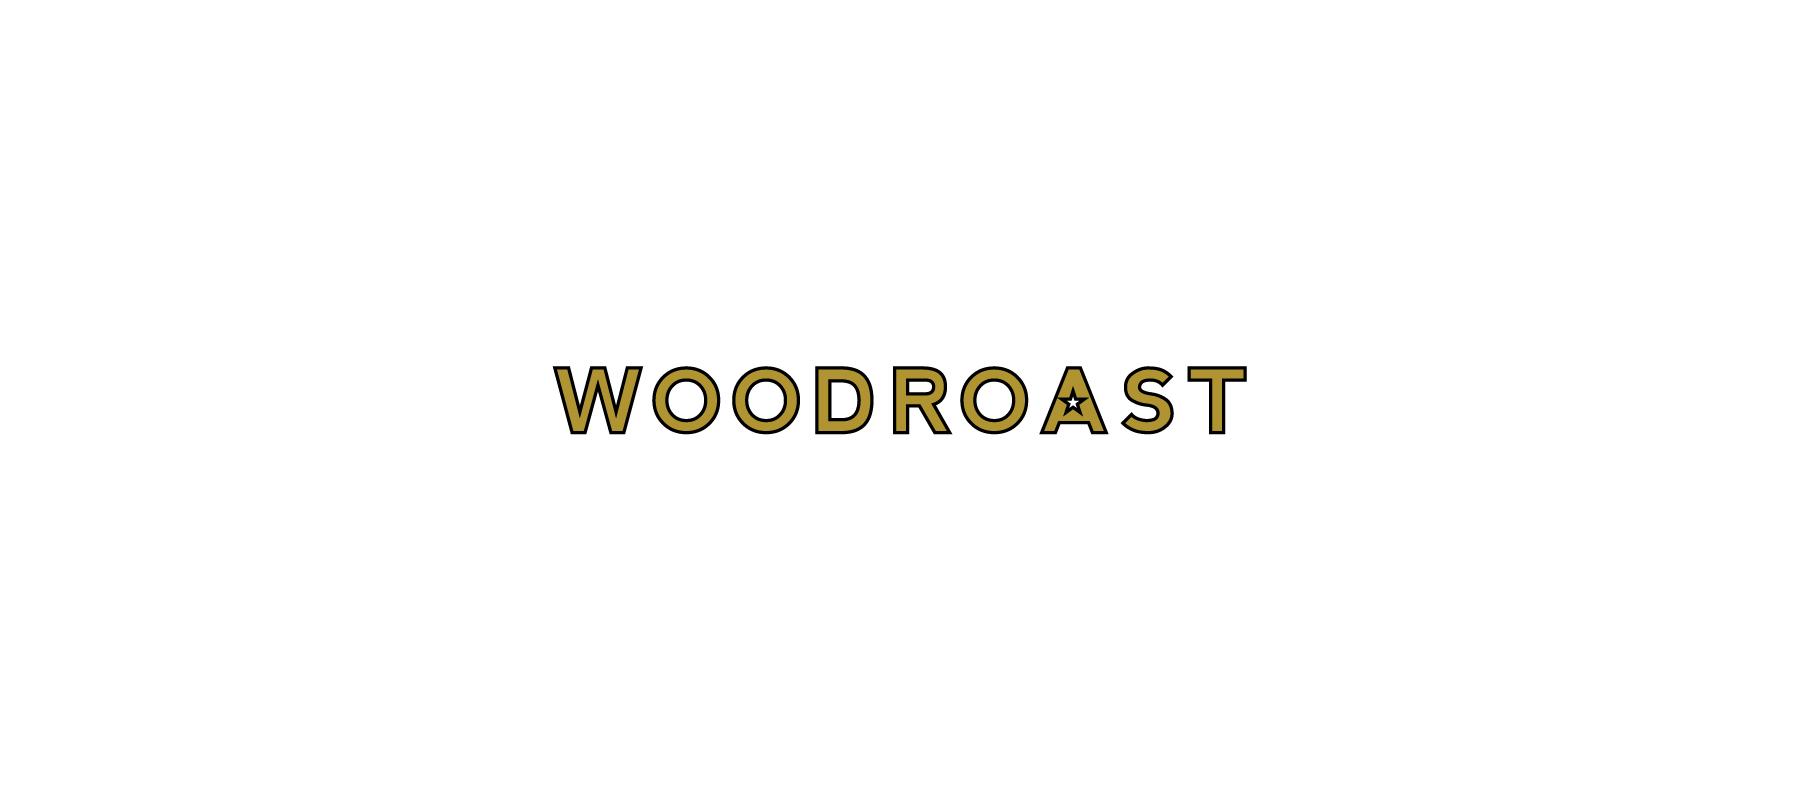 perks.design_woodroast_logo2.png